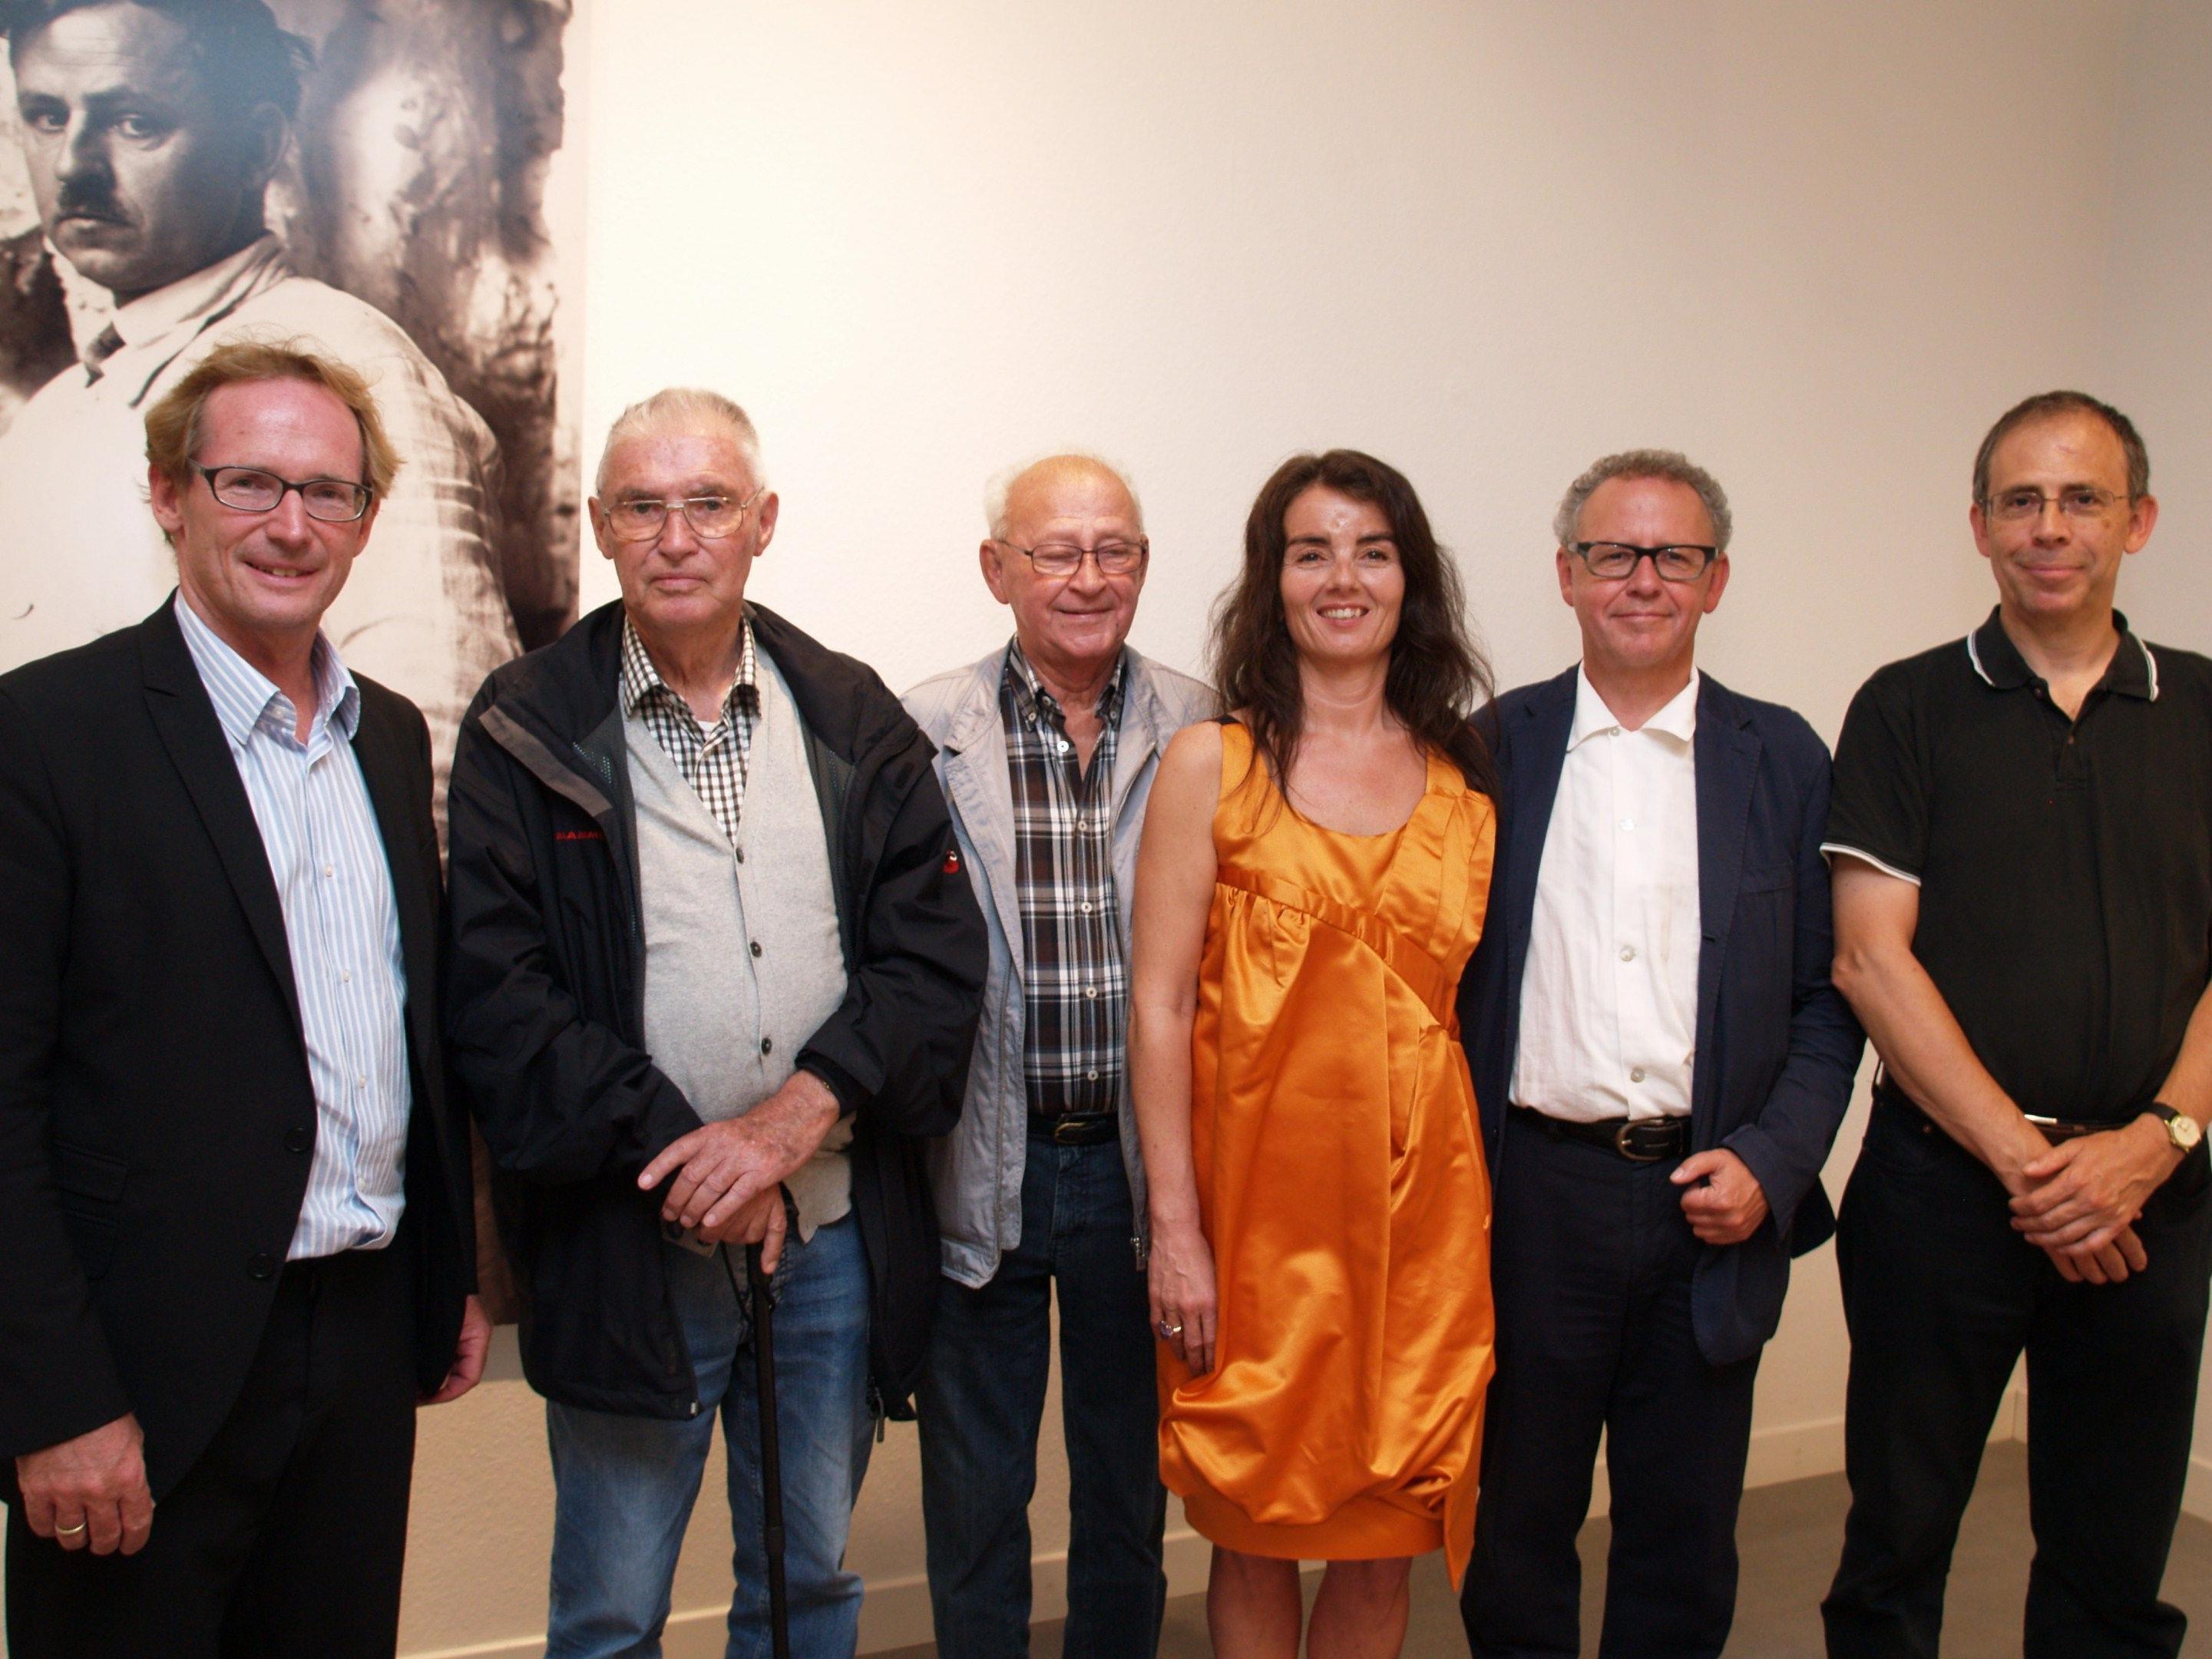 Die Kuratorin der Ausstellung Ingrid Adamer mit Guntram, Ekkehard und Thomas Bechtold, sowie Roman und Thomas Jungblut bei der Ausstellungseröffnung.